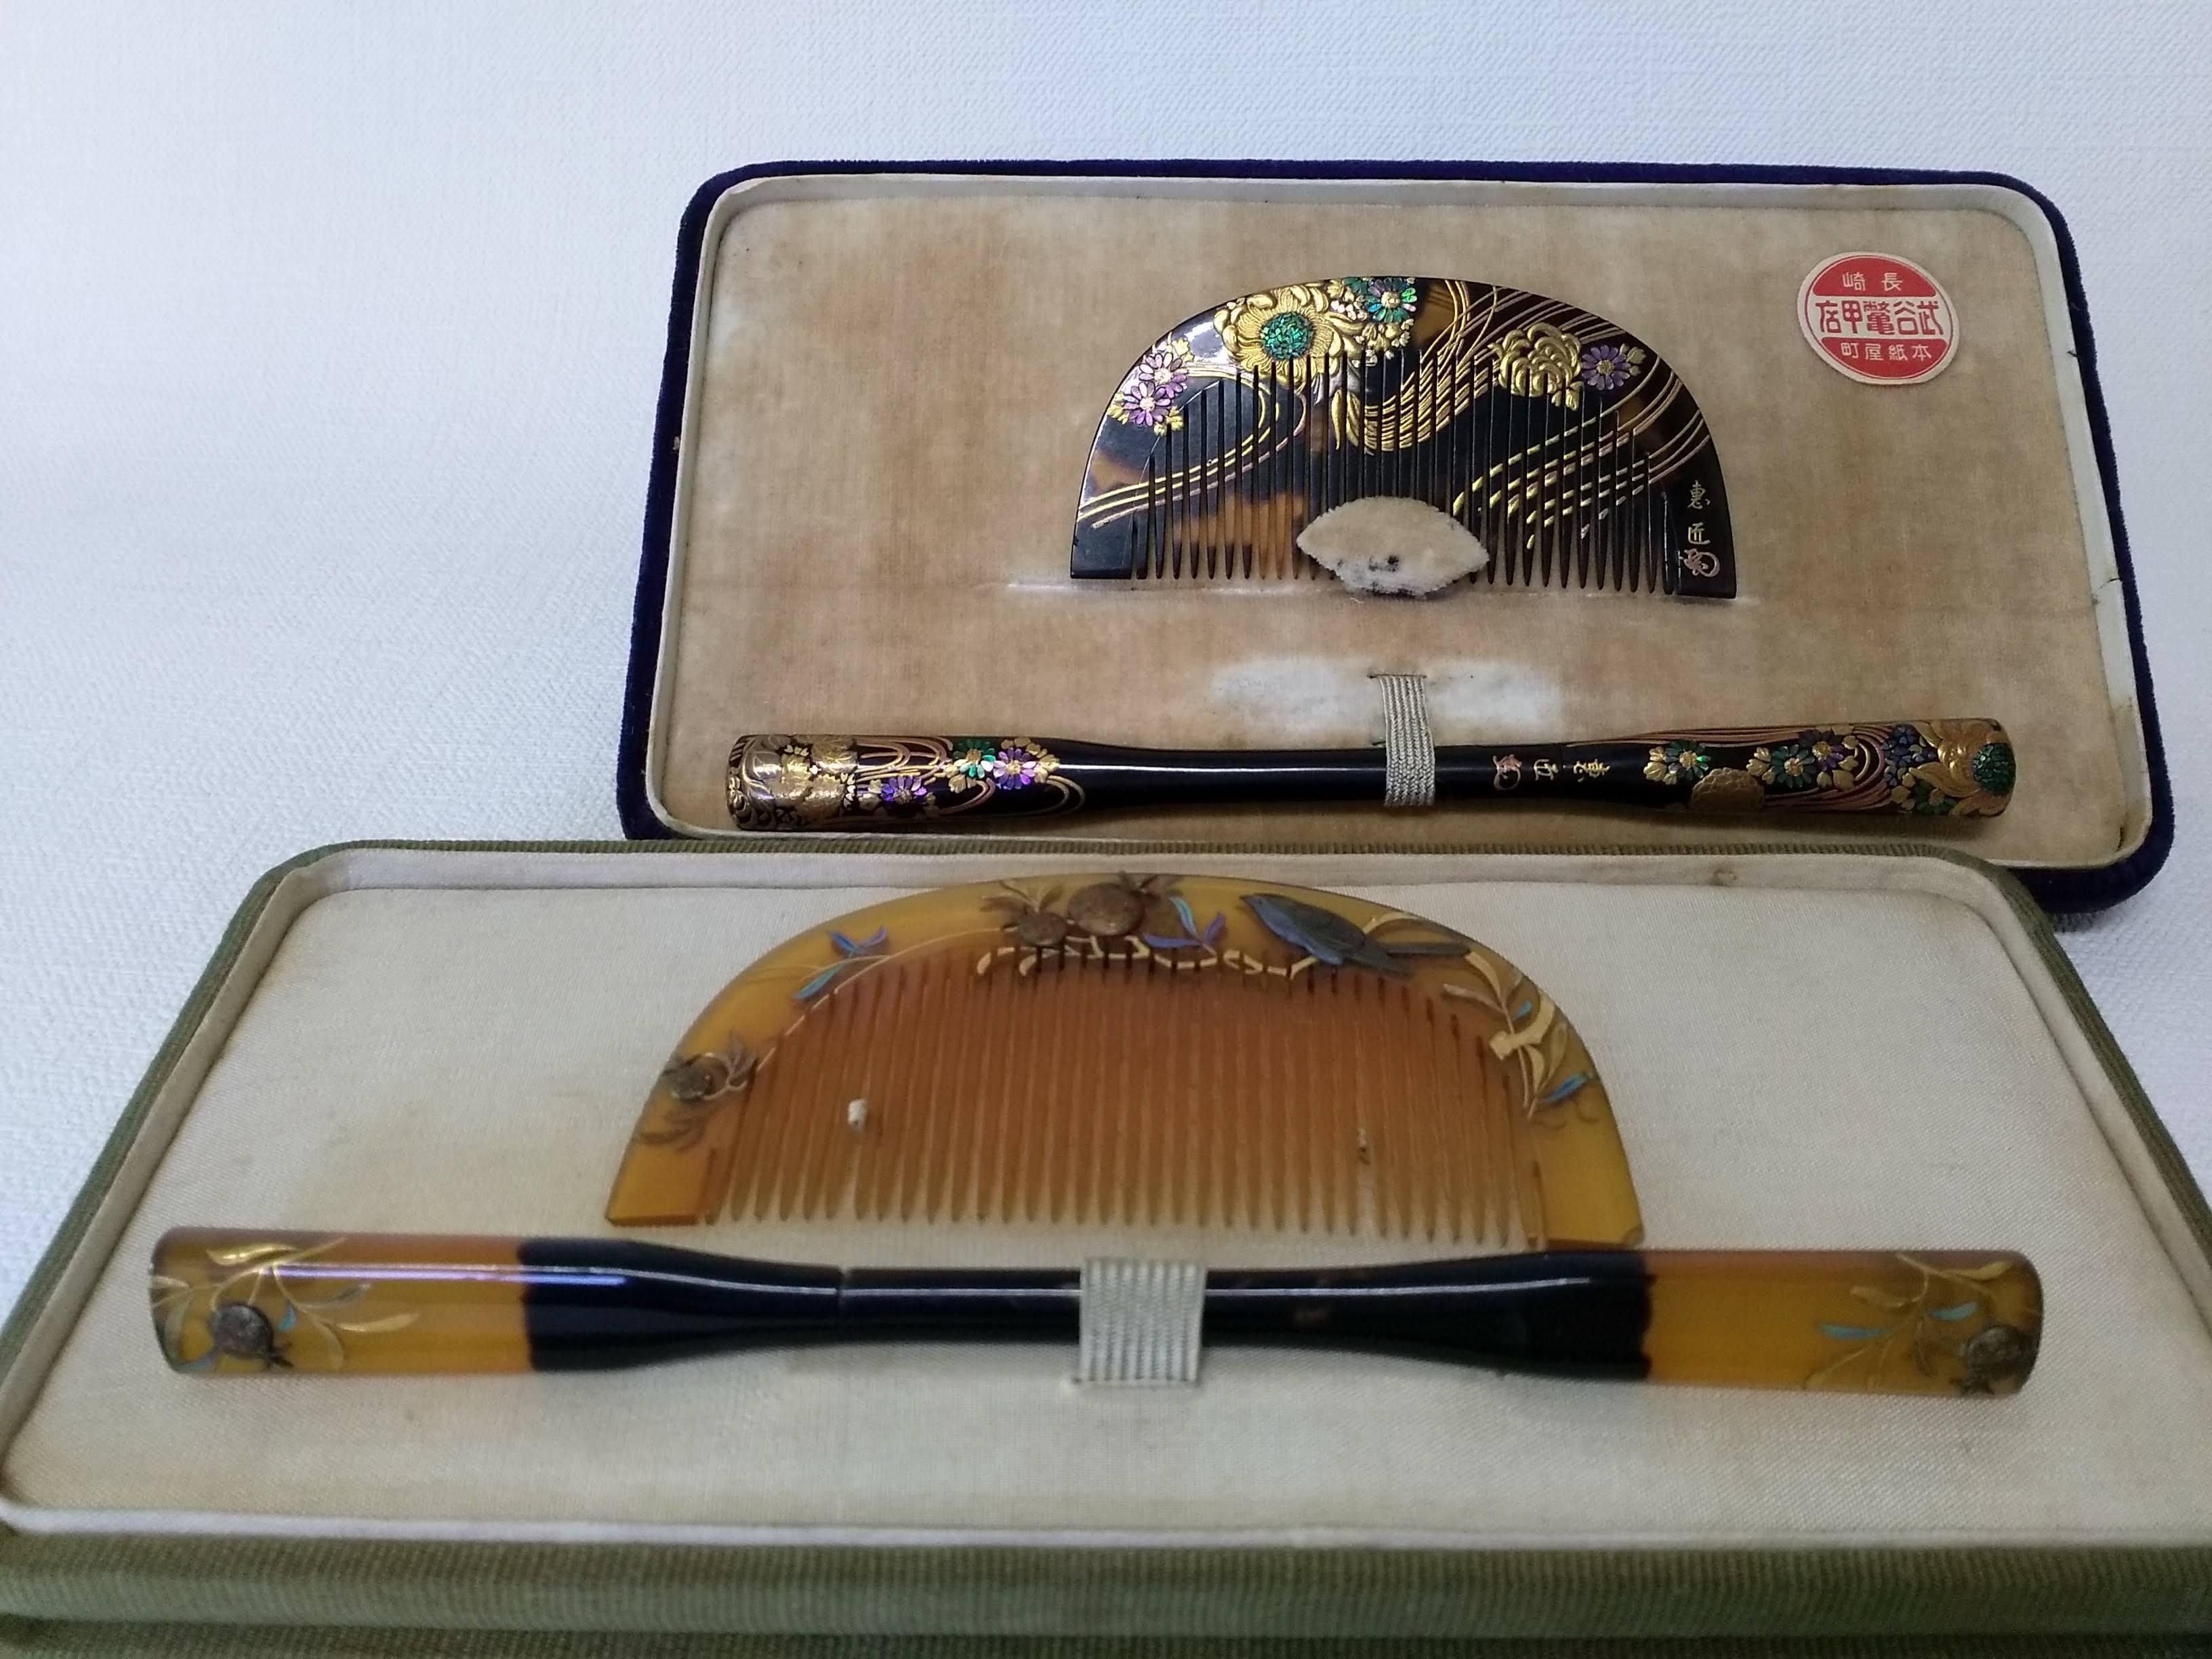 蒔絵の施されたべっ甲の簪(かんざし)・櫛(くし)の買取写真